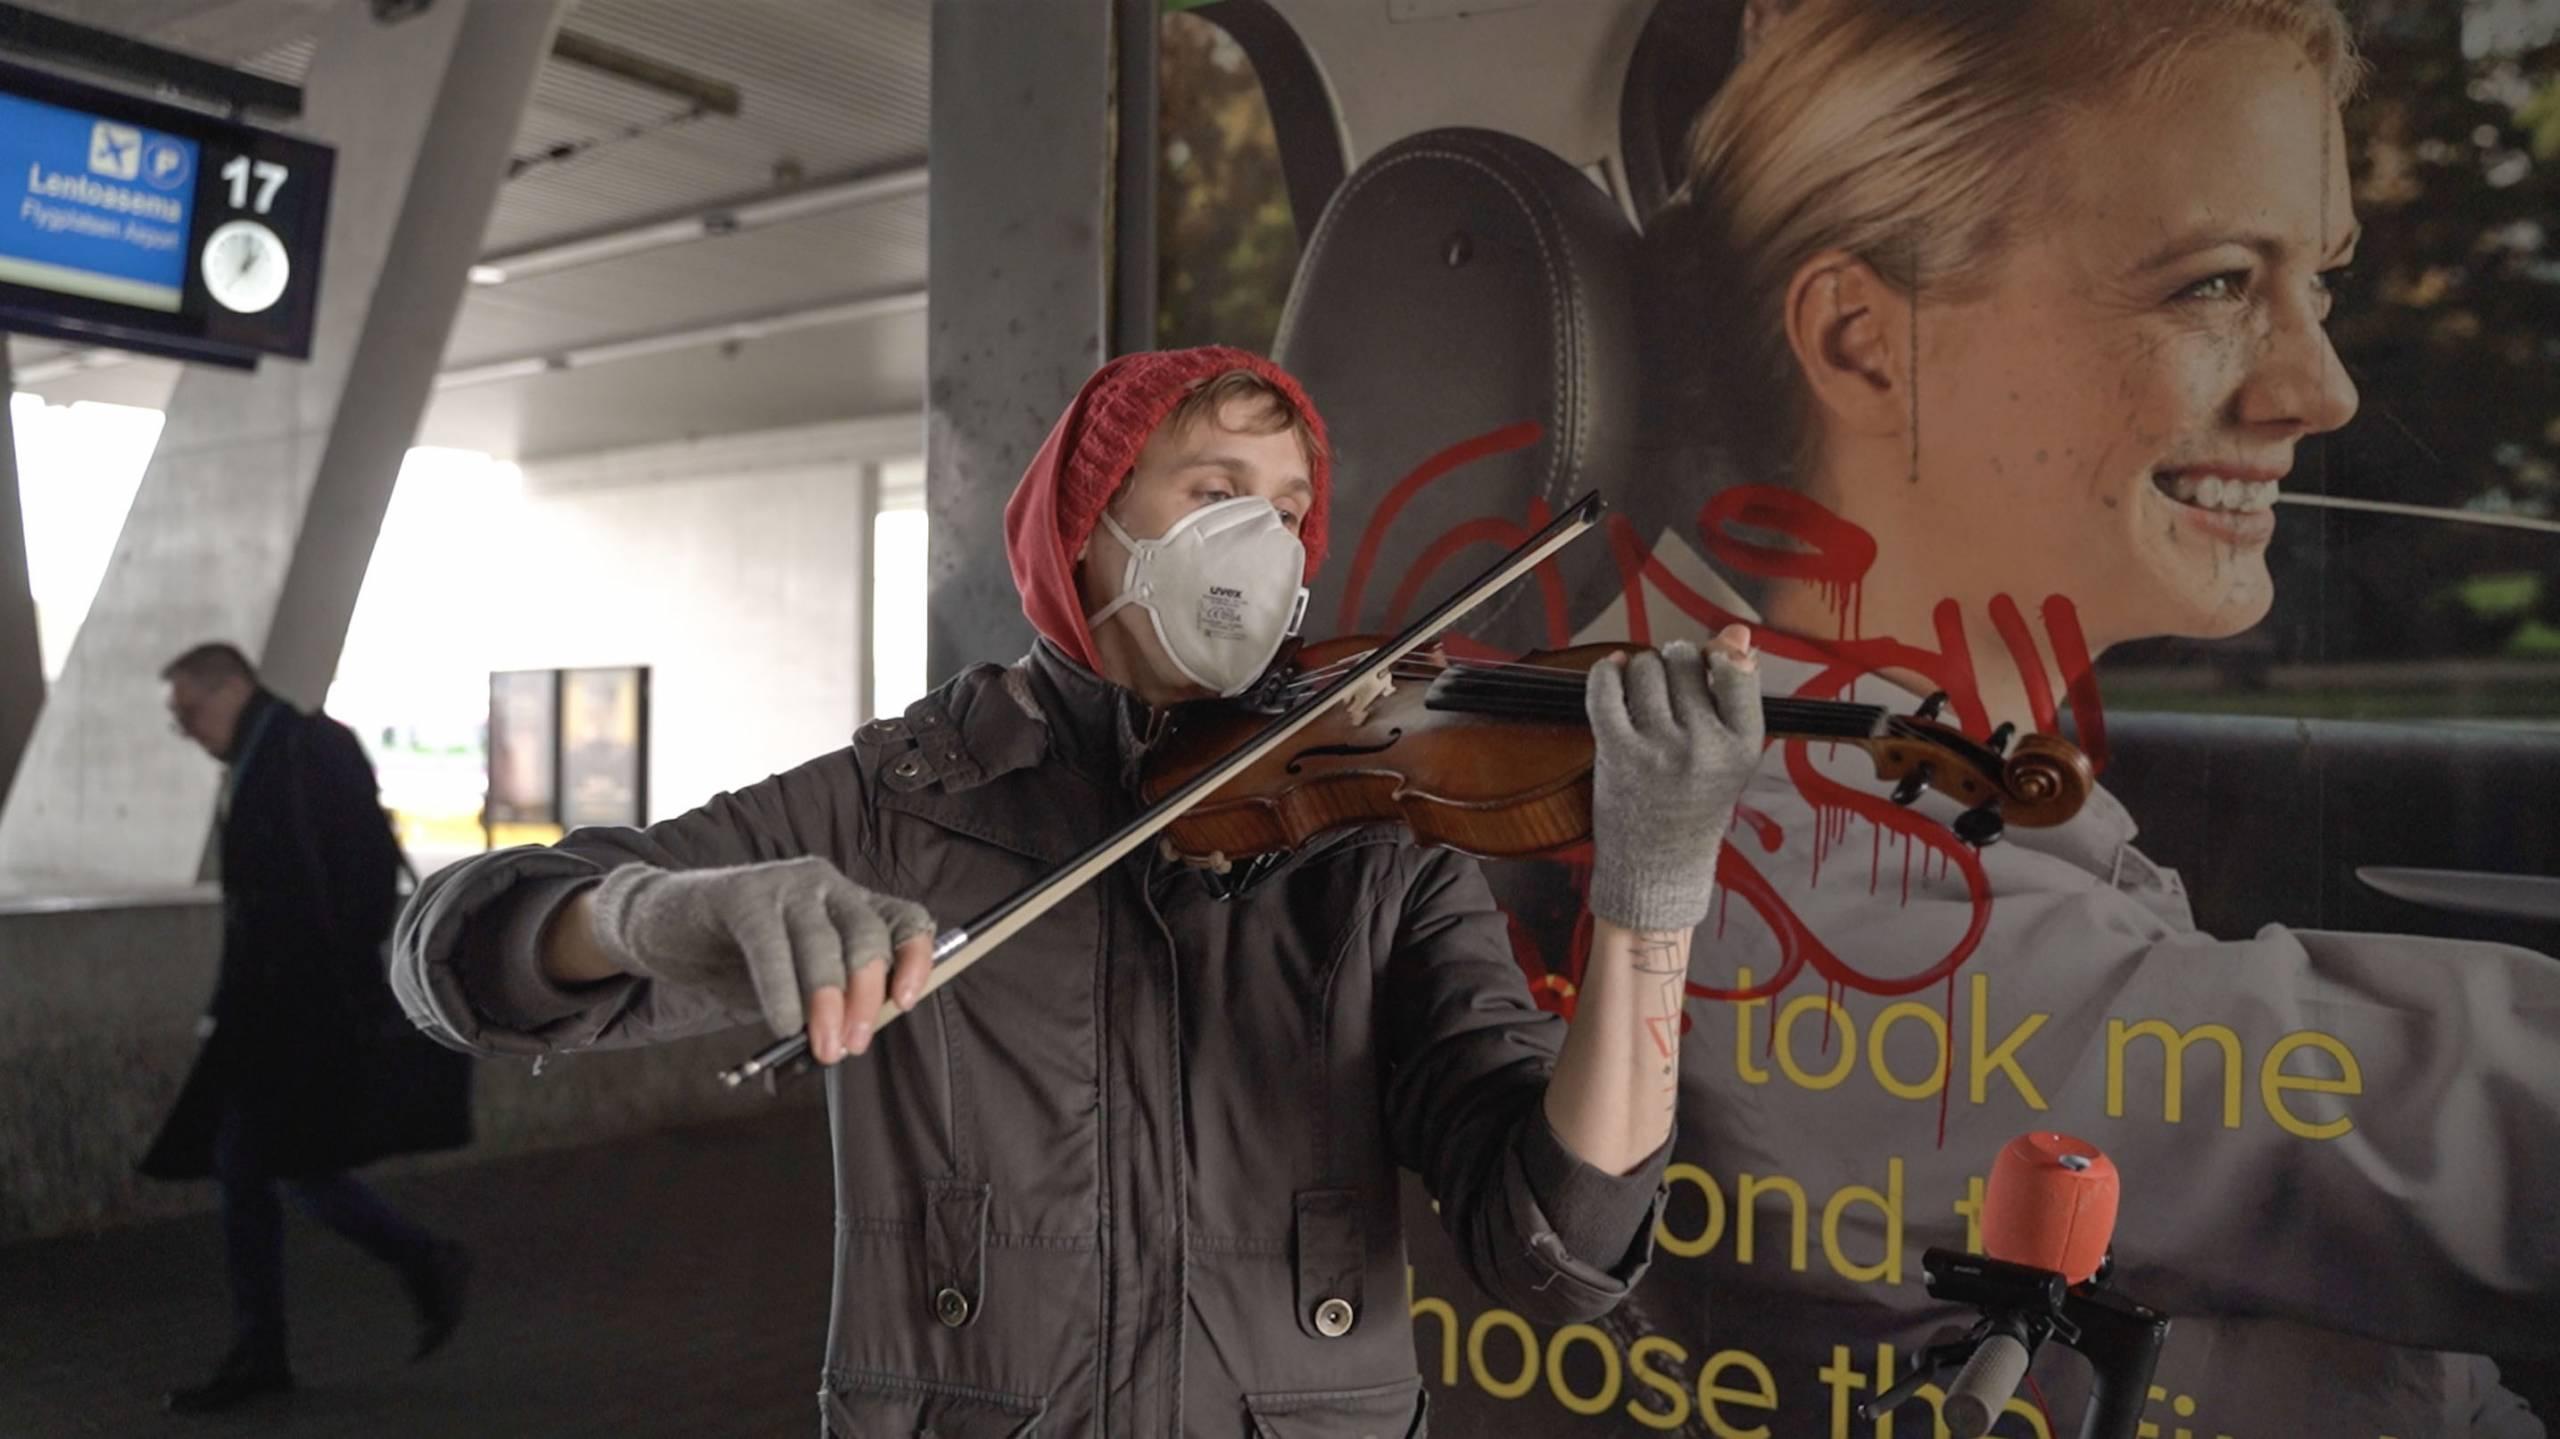 Otos Poikkeustila-projektista. Mies soittaa viulua harmaassa asussa, valkoinen kasvimaski kasvoilla. Seisoo mainoskuvan edessä, taustalla näkyy juna-asema.